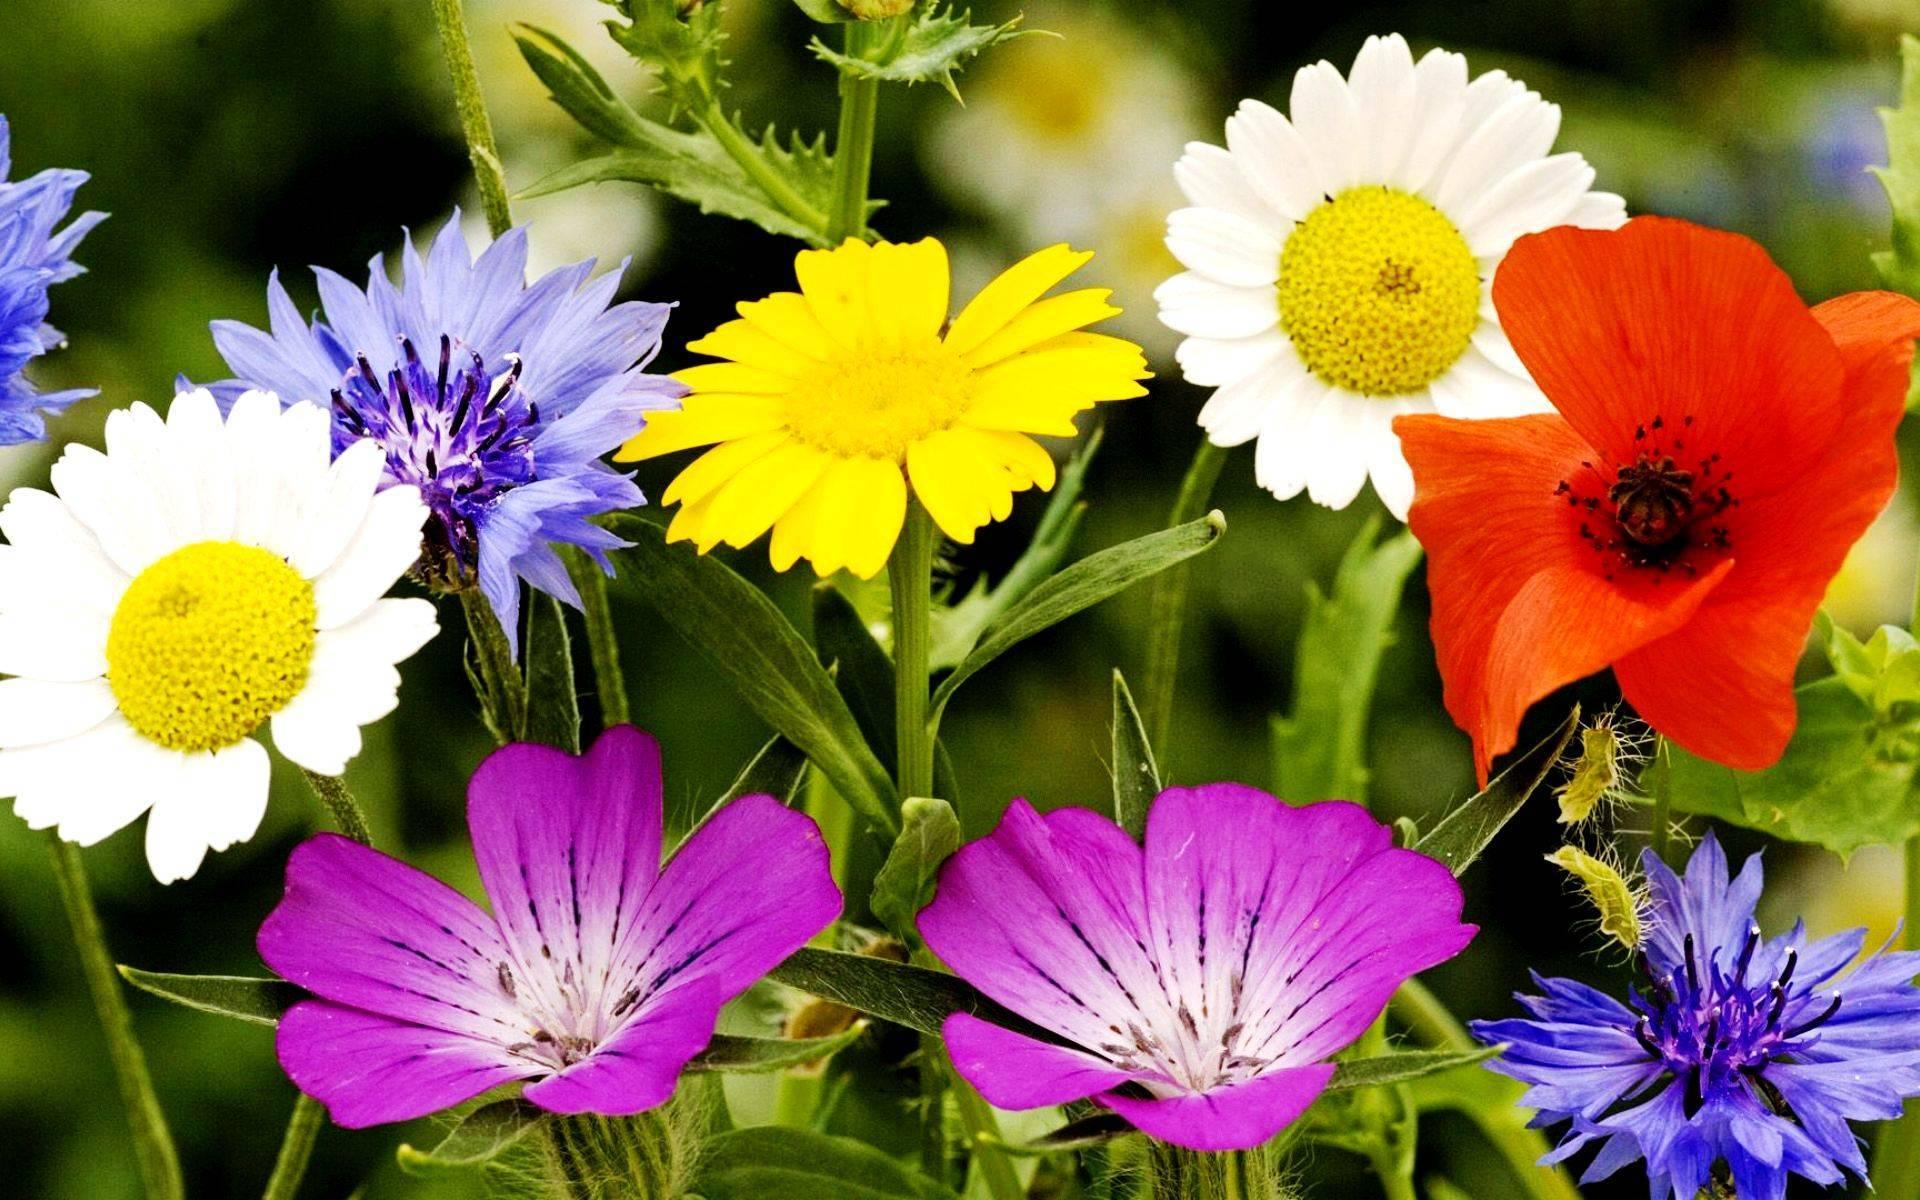 Полевые цветы – описание мака, ромашки, фиалки, анютиных глазок, василька и дельфиниума